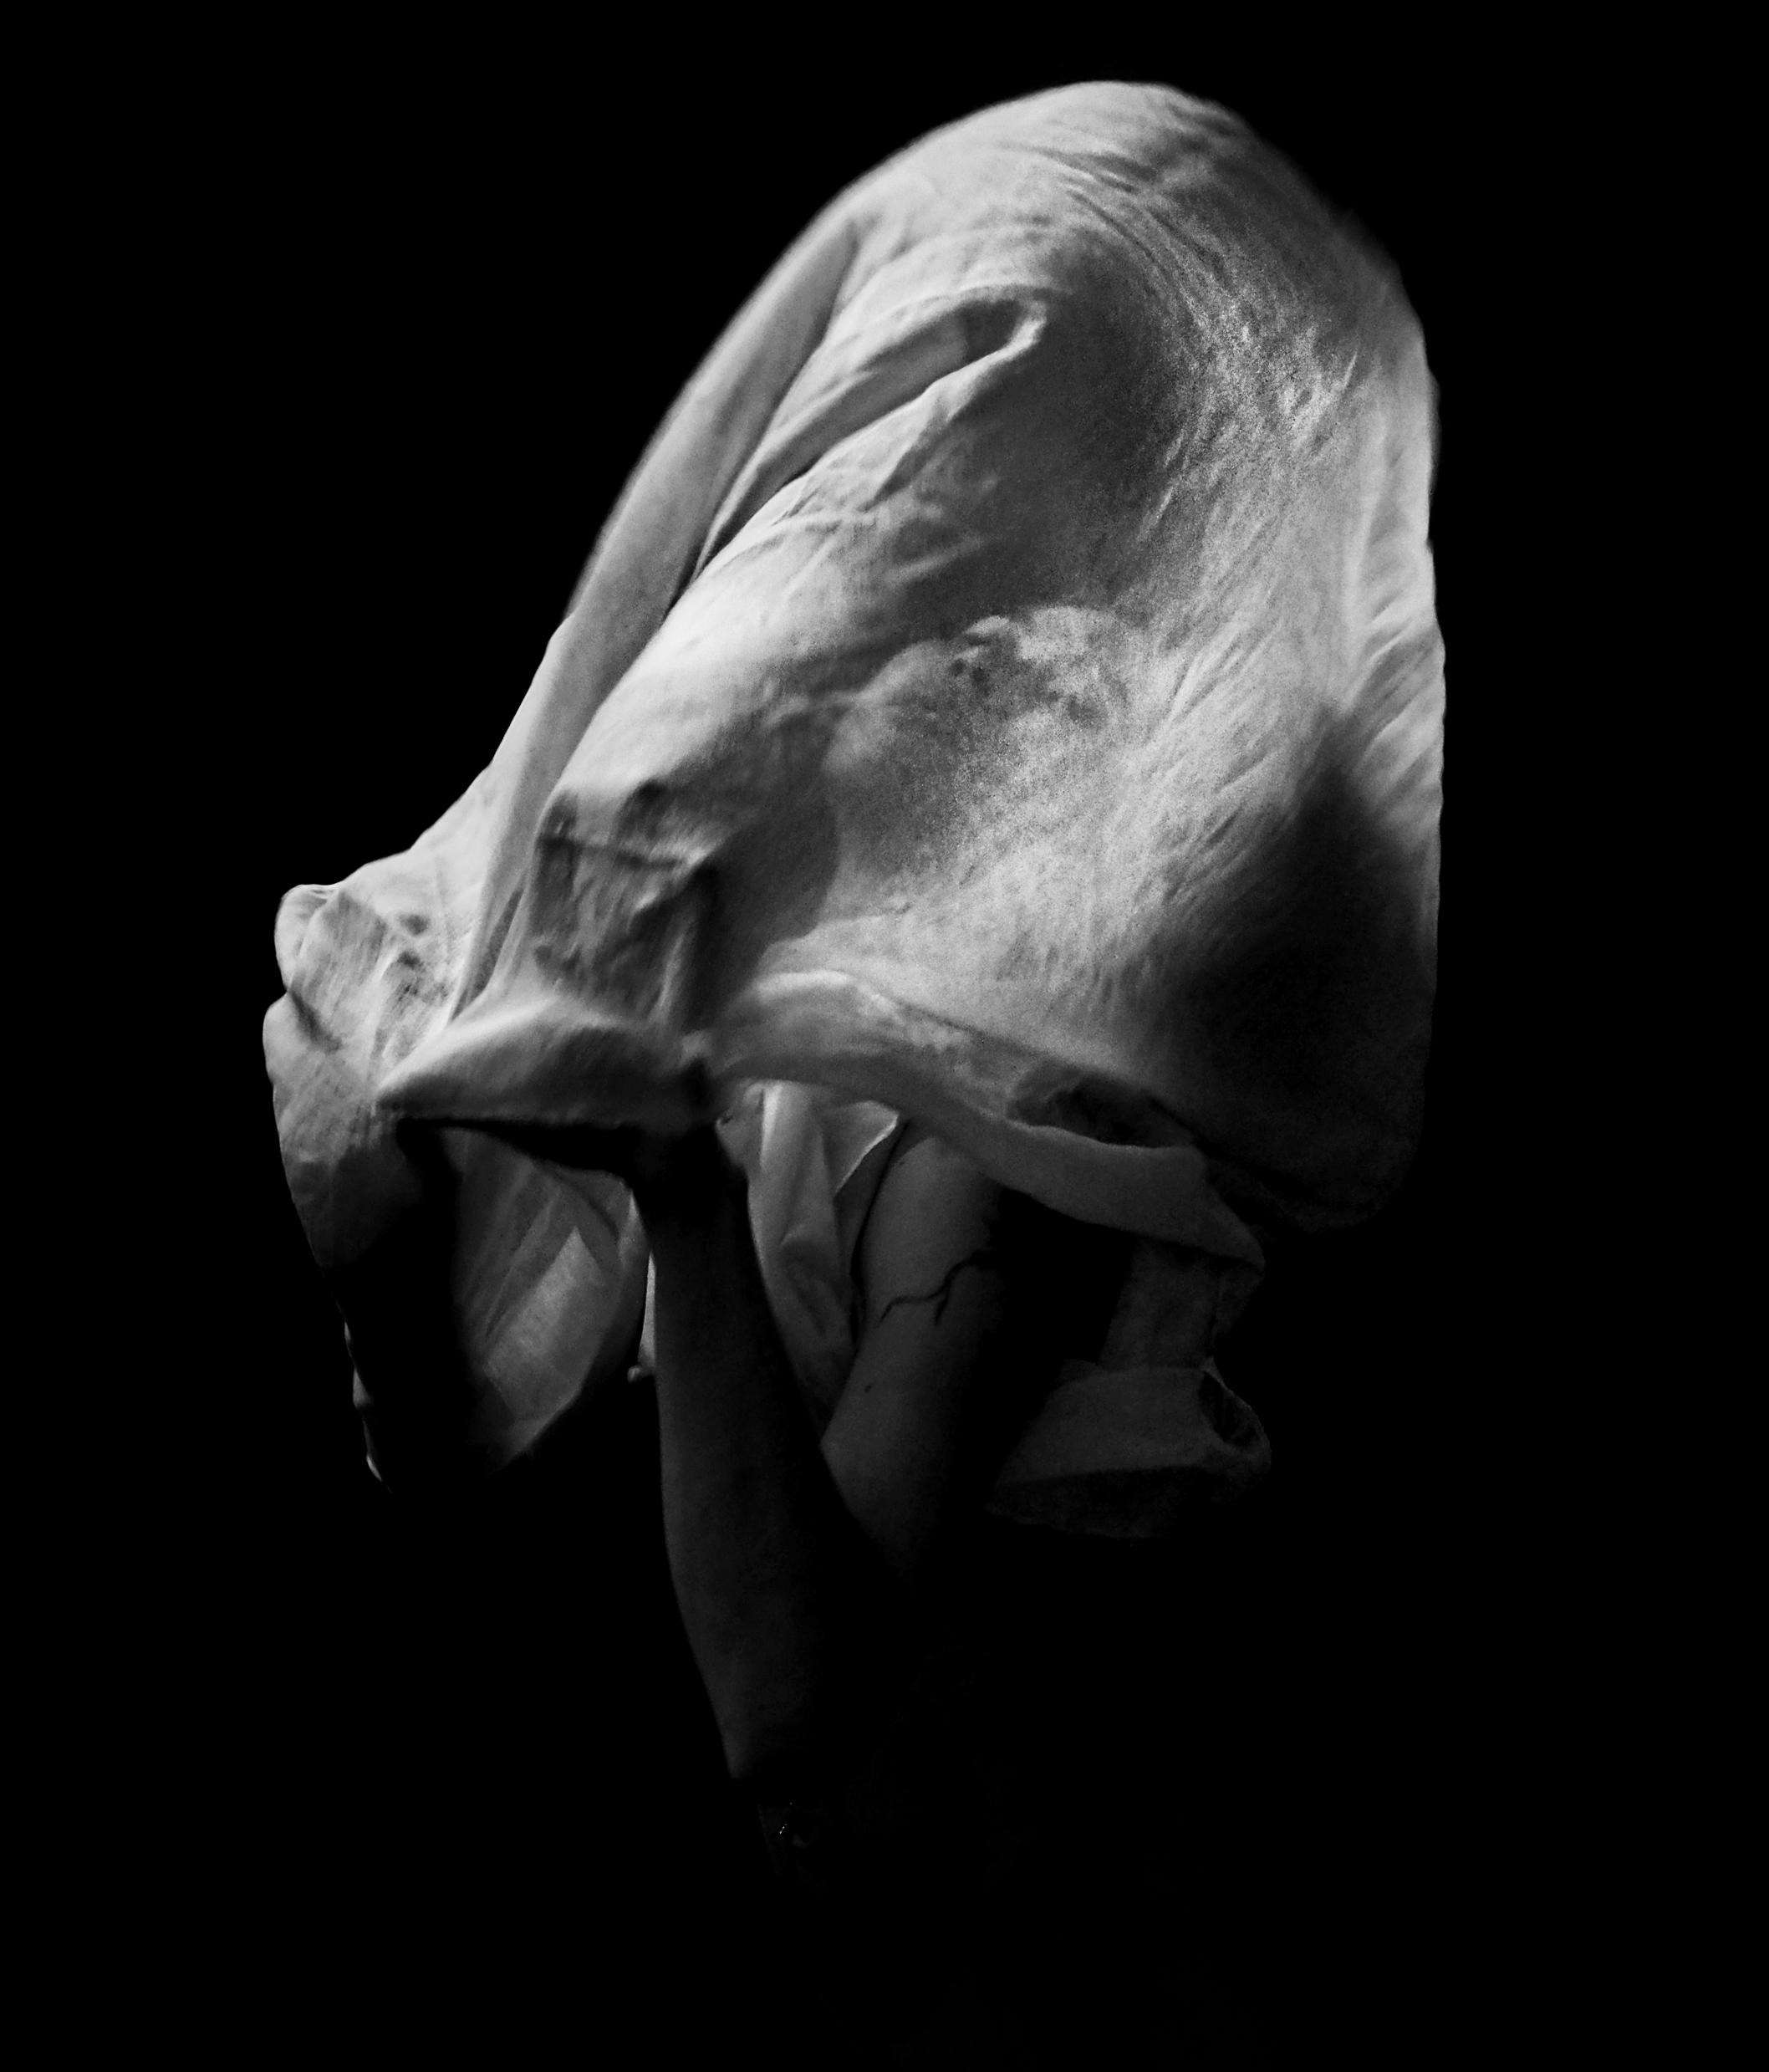 何書伶 Suelynee ho _ Been misunderstood for thousand years of psyche